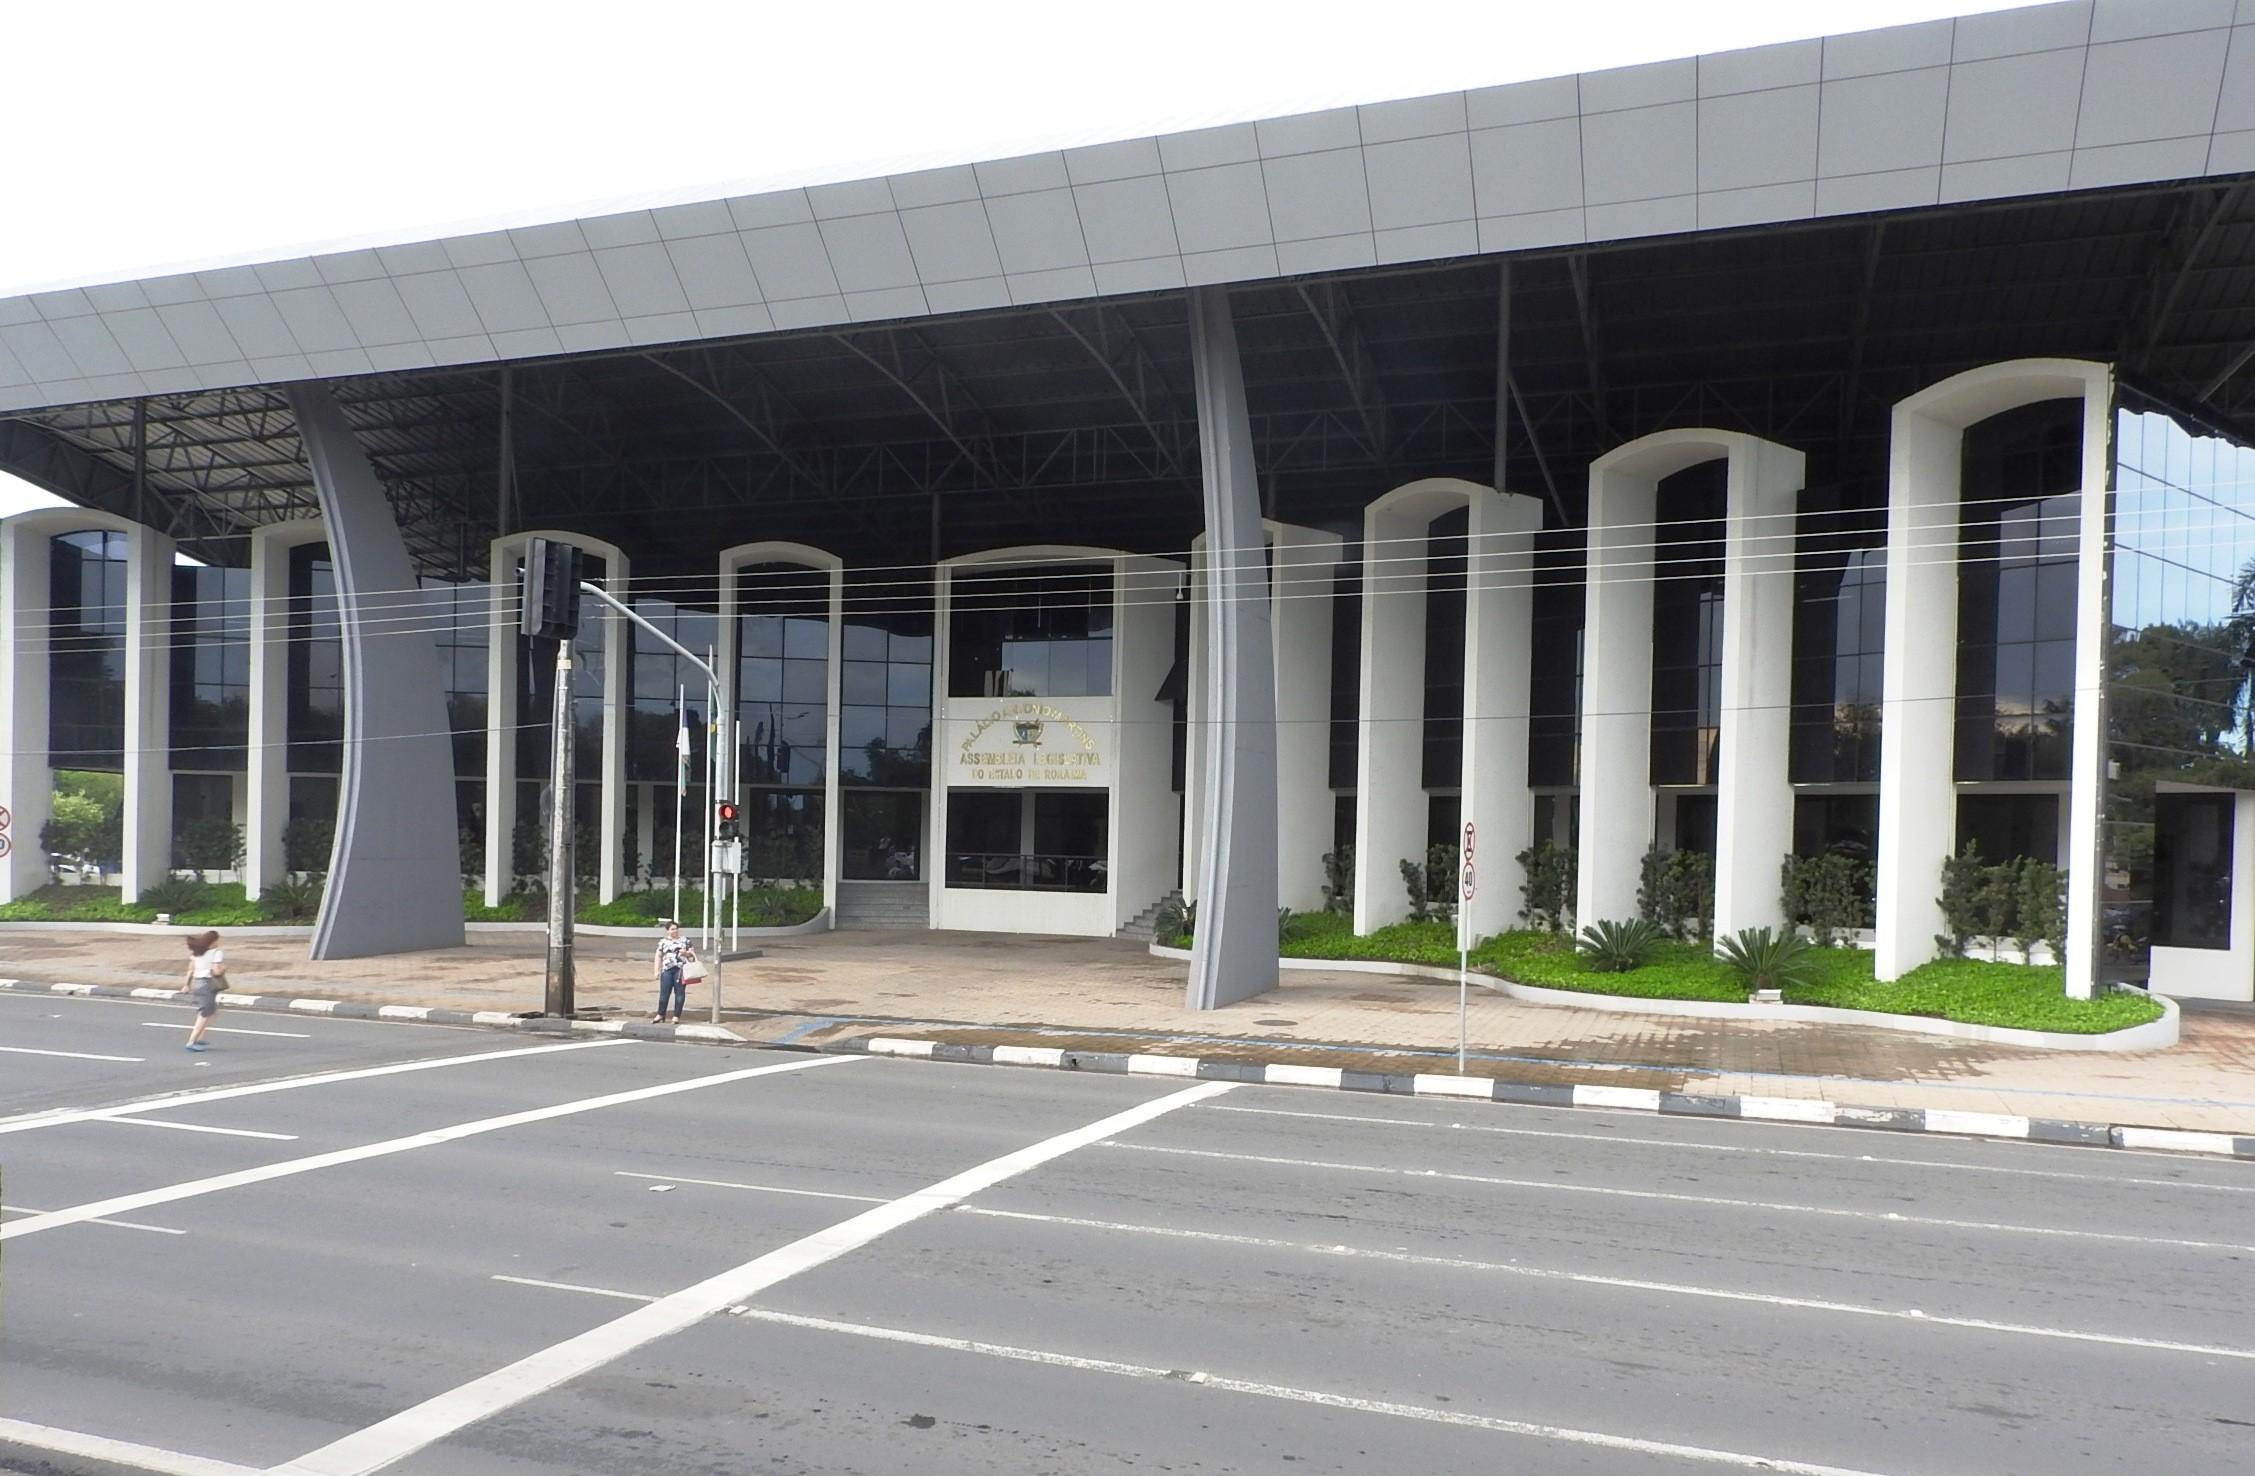 Justiça suspende concurso para cargo de procurador da Assembleia Legislativa de Roraima